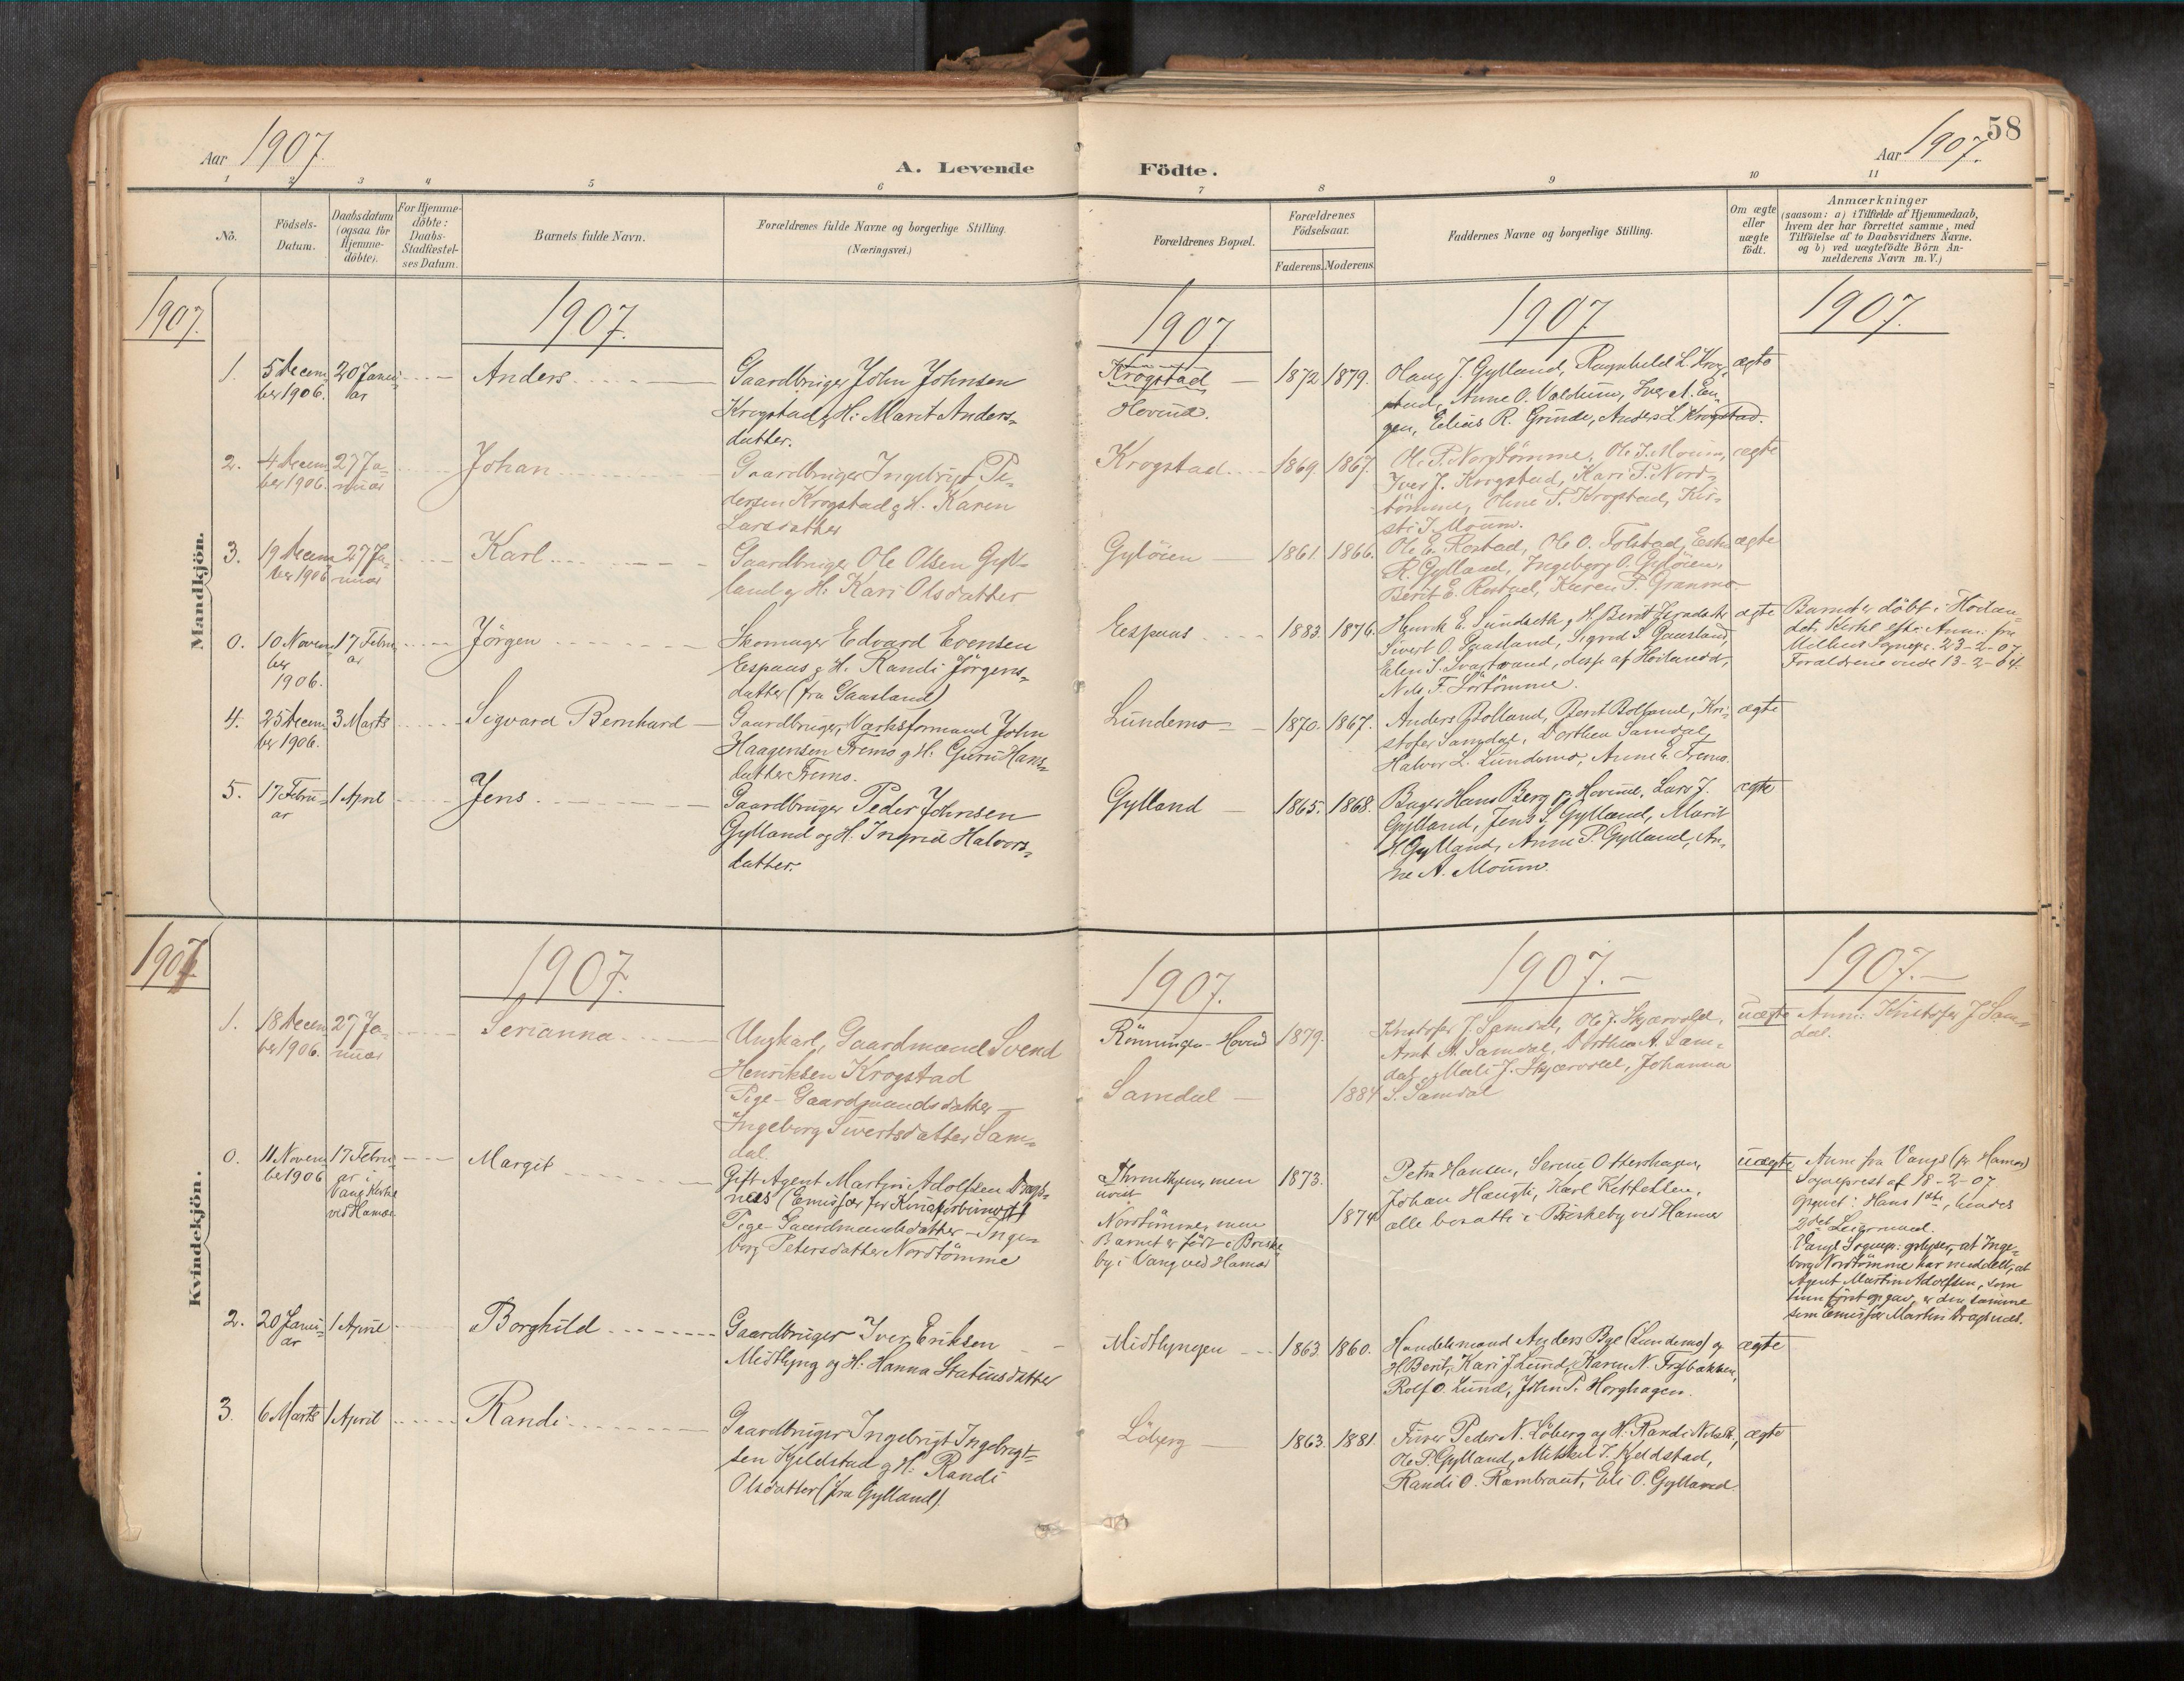 SAT, Ministerialprotokoller, klokkerbøker og fødselsregistre - Sør-Trøndelag, 692/L1105b: Ministerialbok nr. 692A06, 1891-1934, s. 58